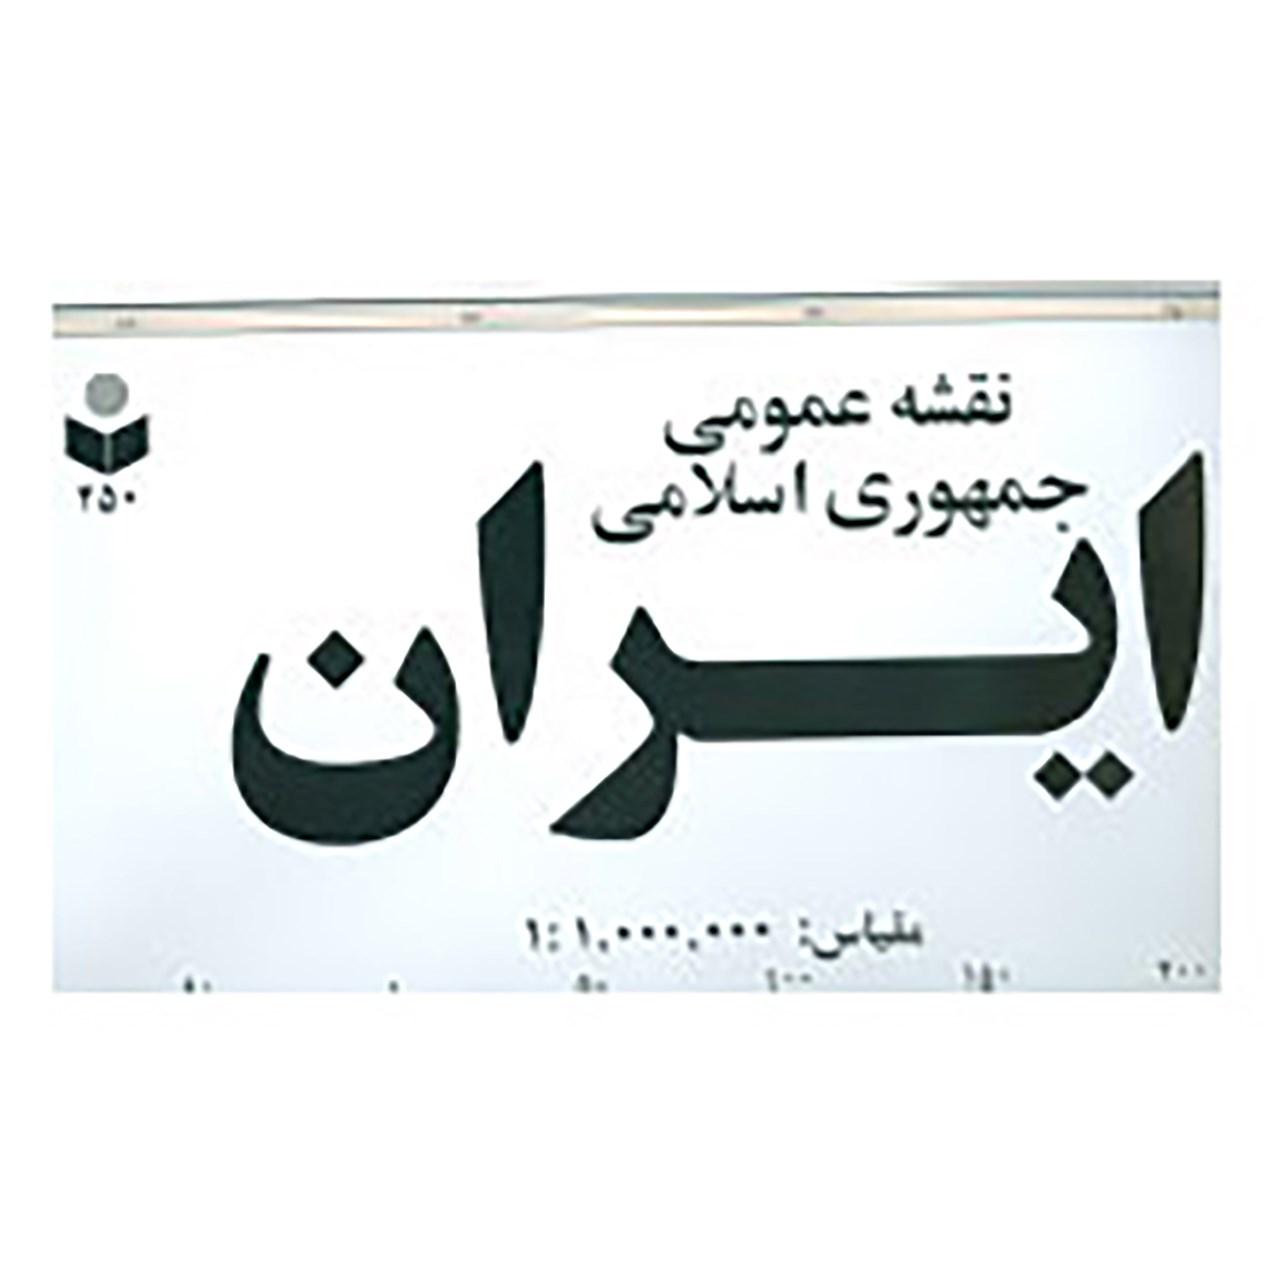 کتاب نقشه عمومی ایران راهها کد 450